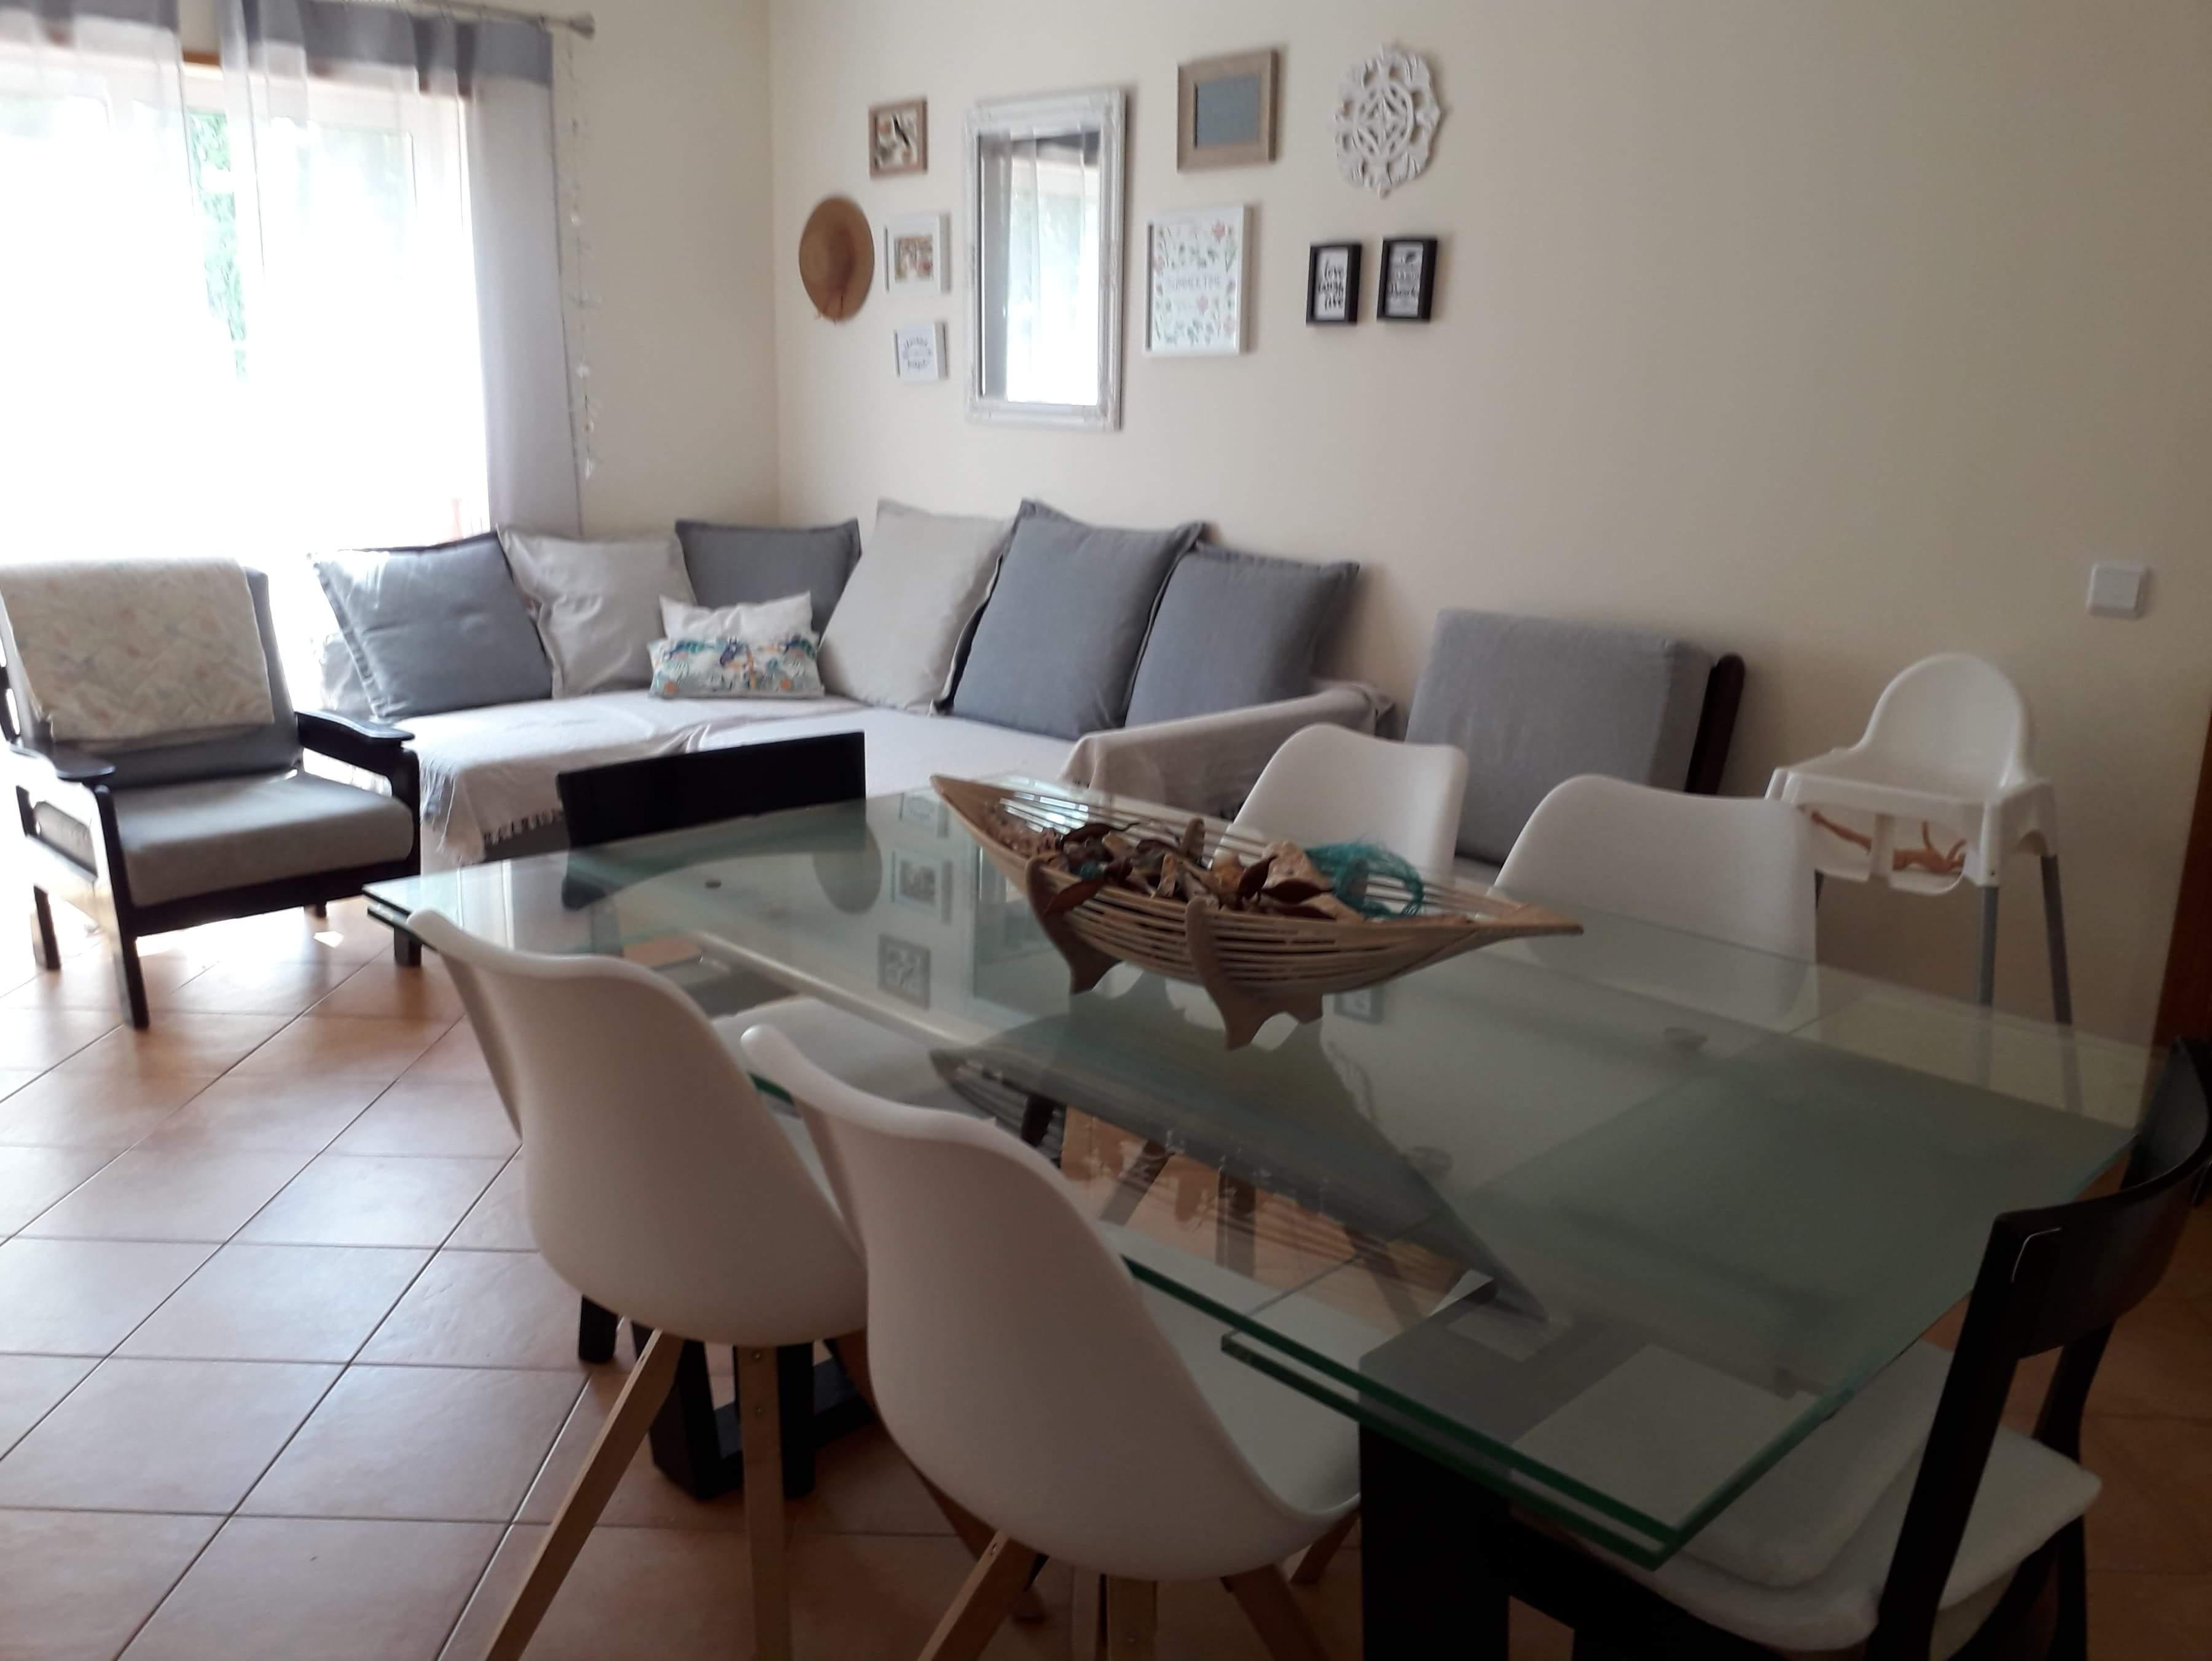 Location appartements et villas de vacance, Aluga se apartamento em Cabanas de Tavira à Cabanas de Tavira, Portugal Algarve, REF_IMG_807_7215